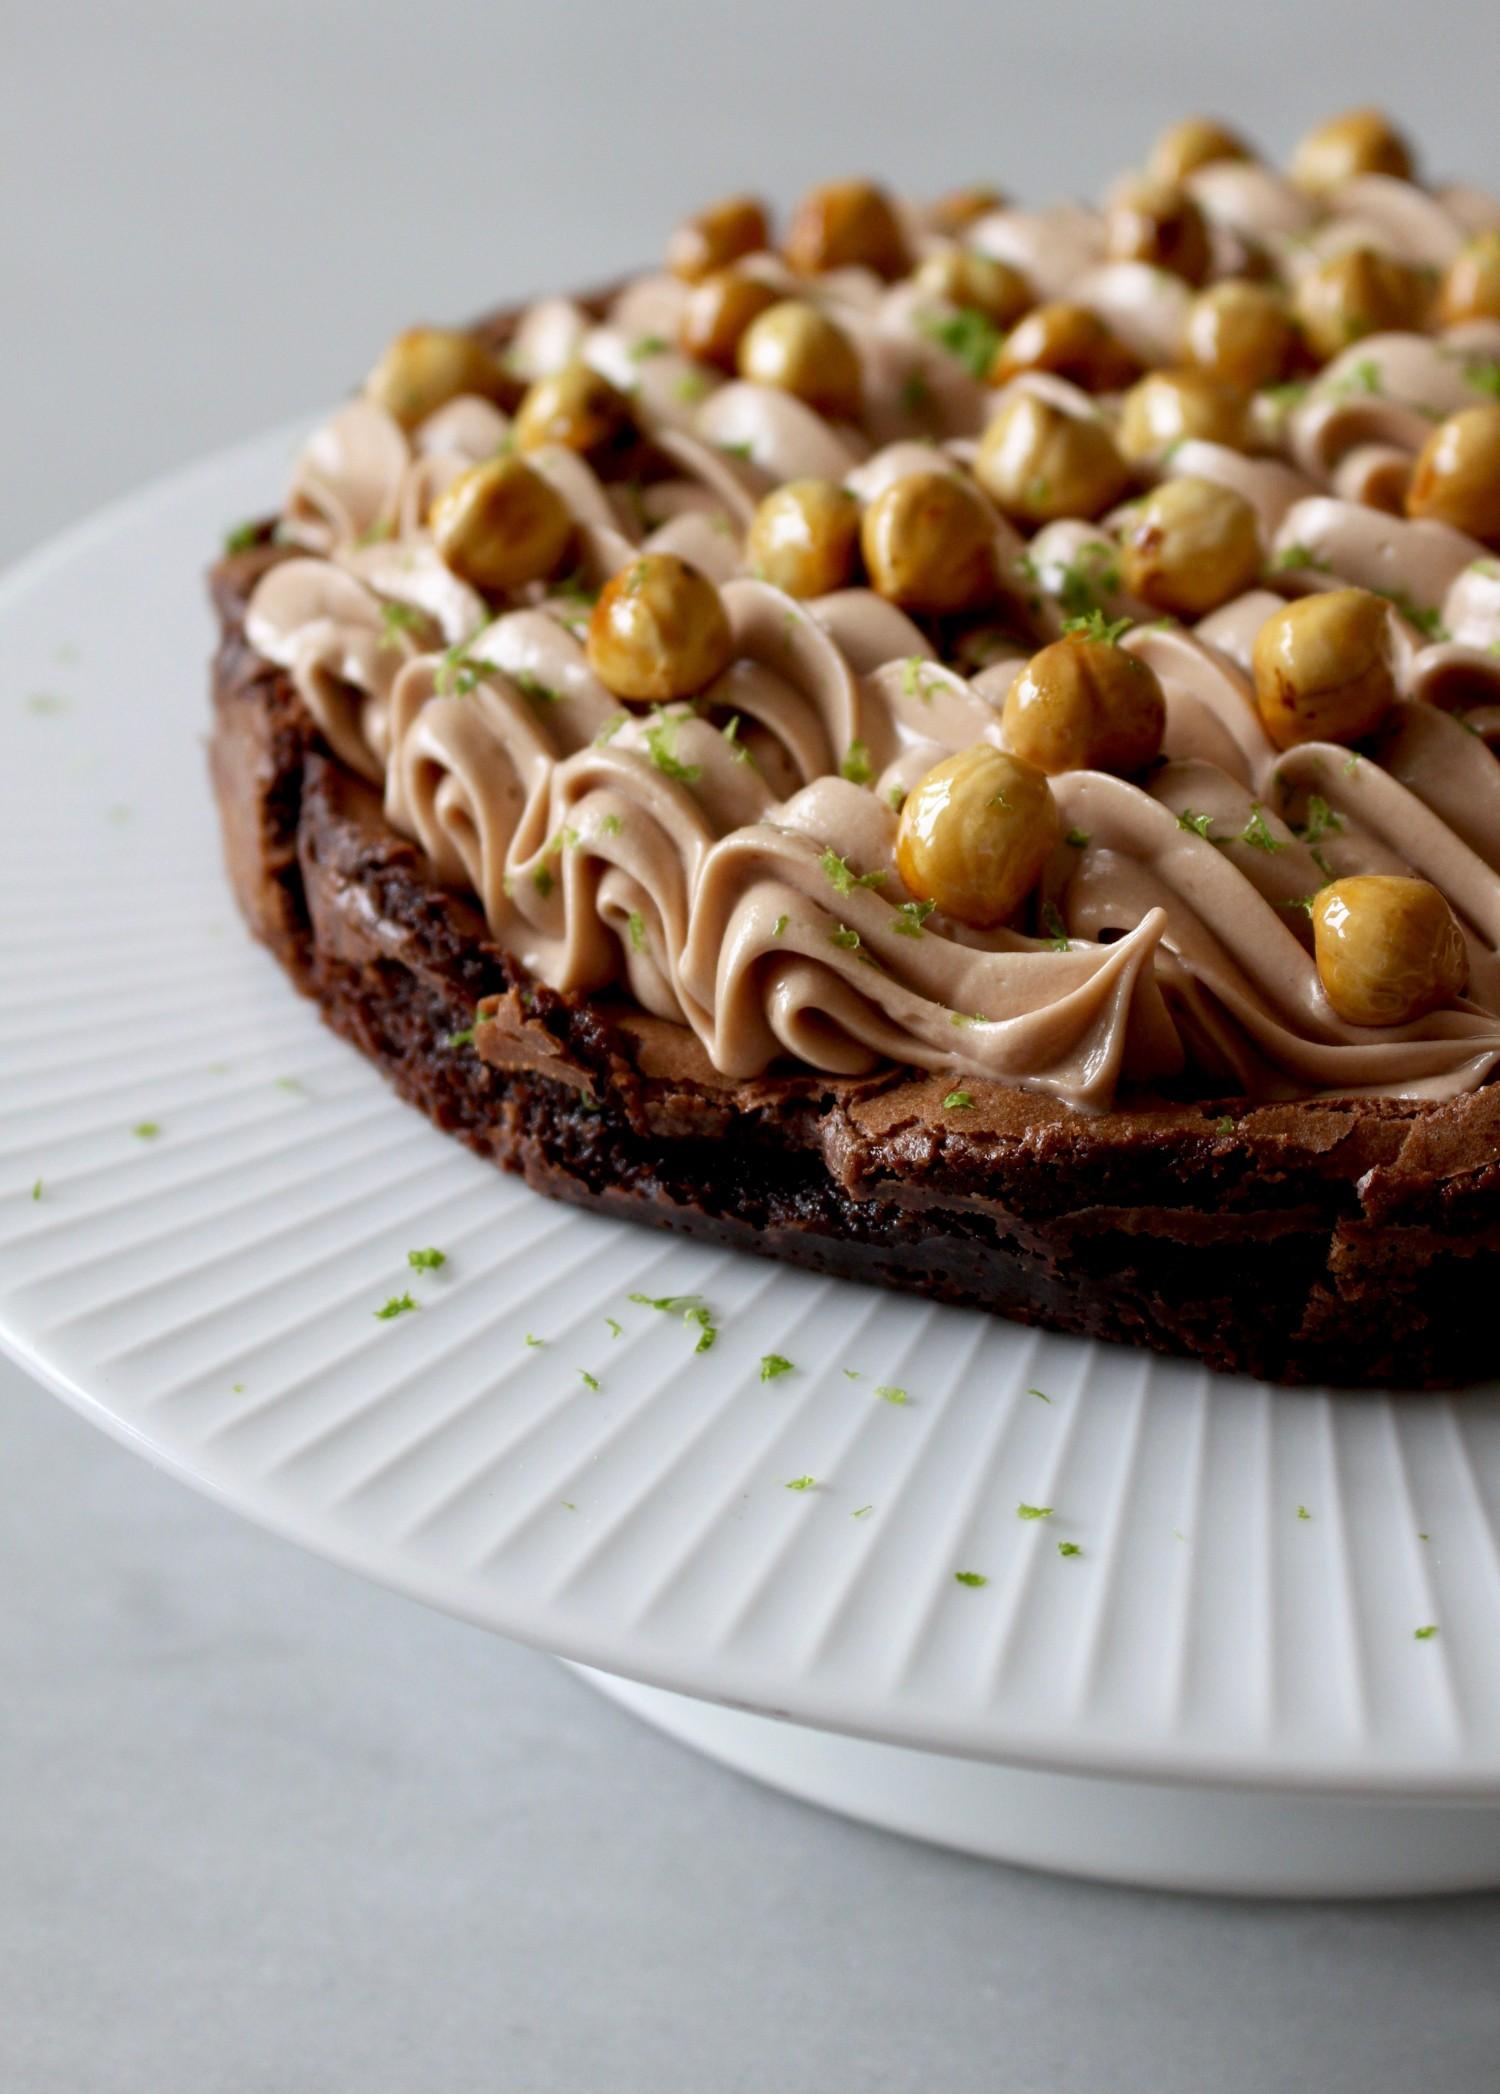 glutenfri-chokoladekage-callebaut-annemette-voss-3